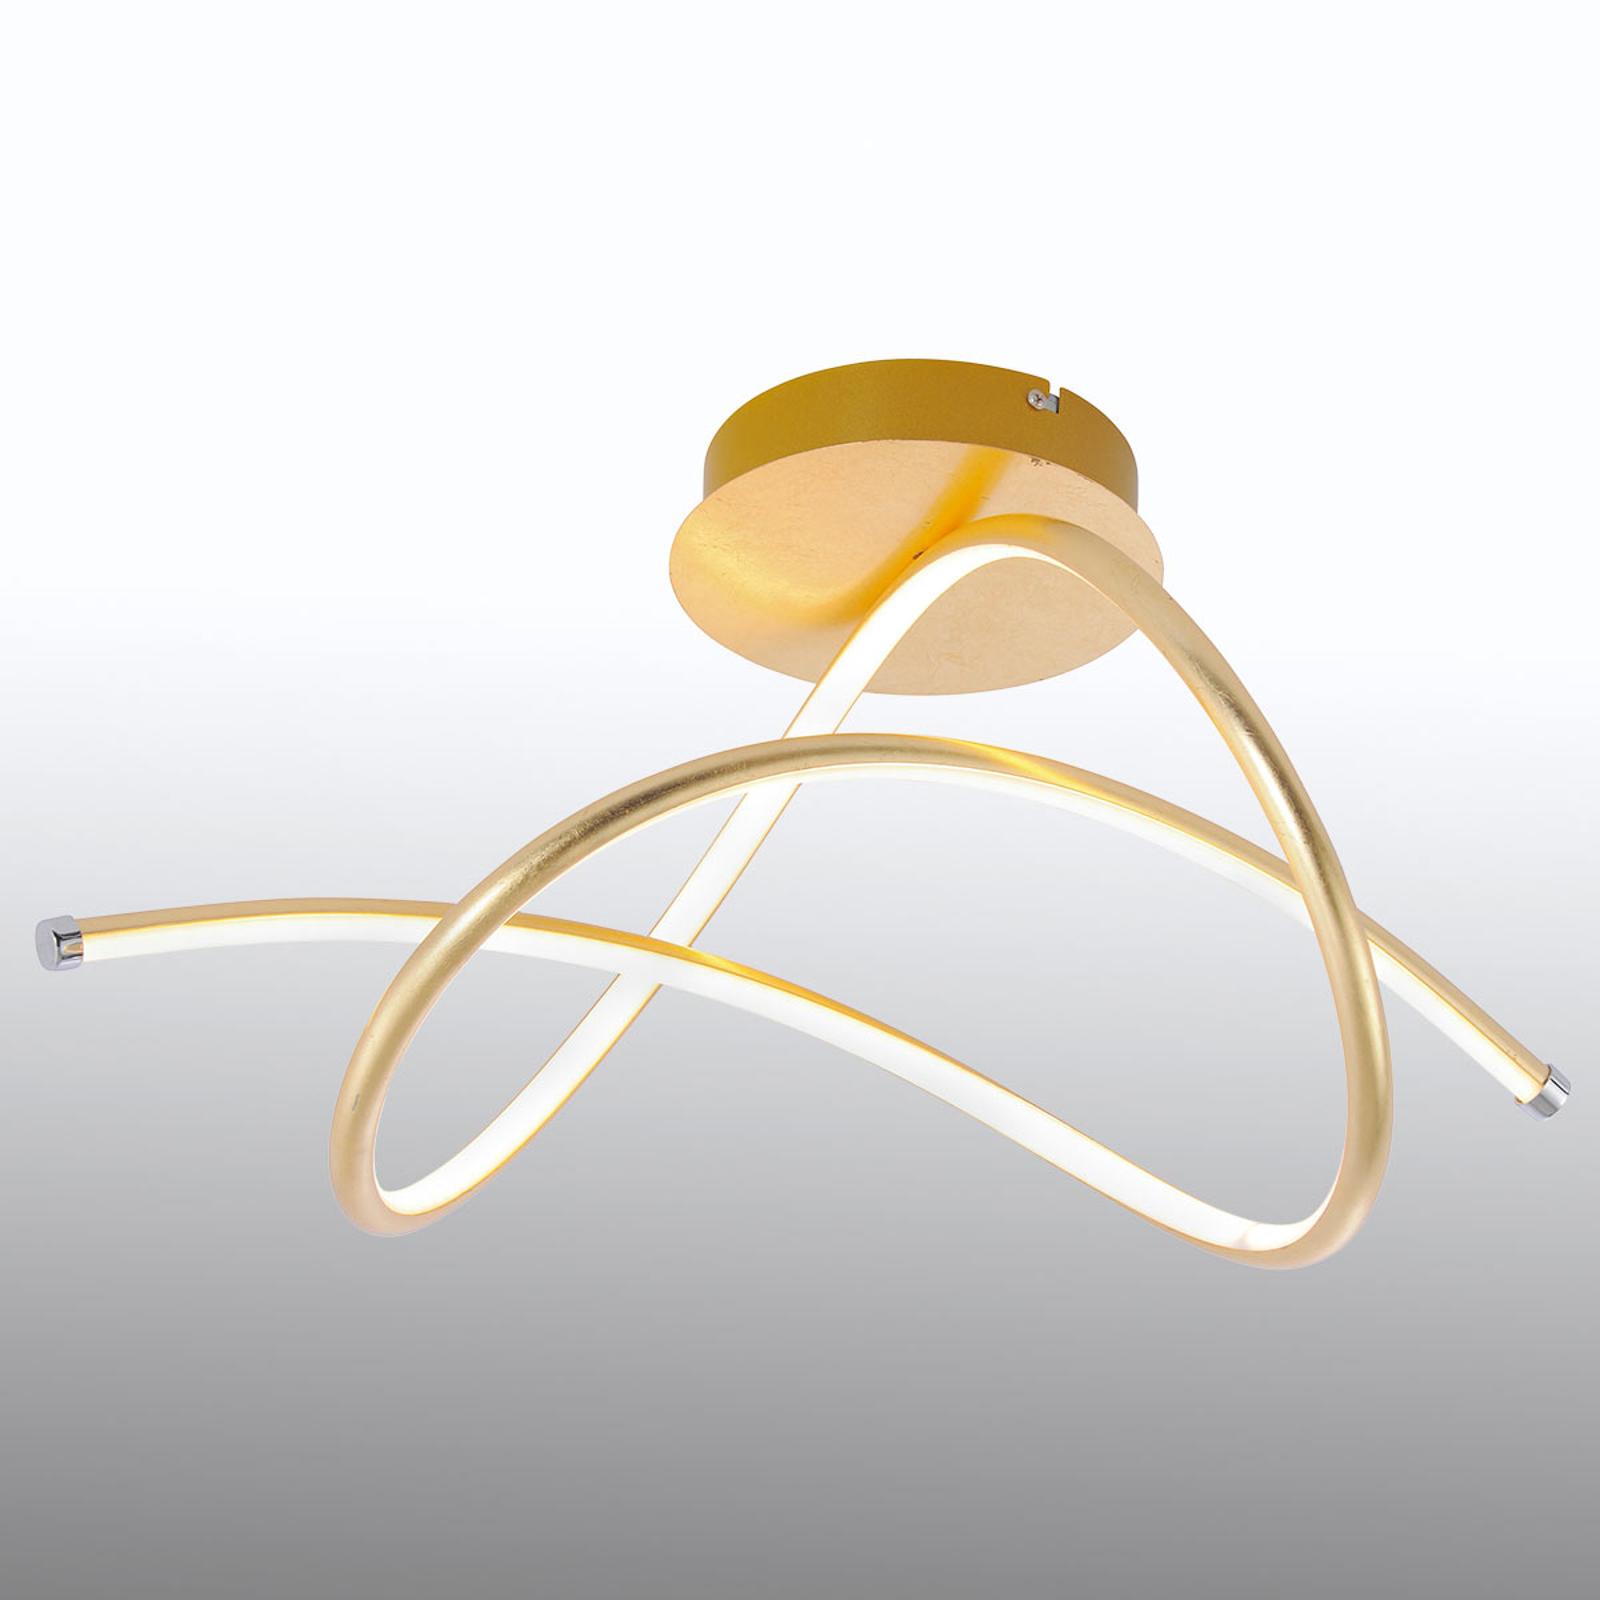 Lampa sufitowa LED Violetta, zakrzywiona, złota